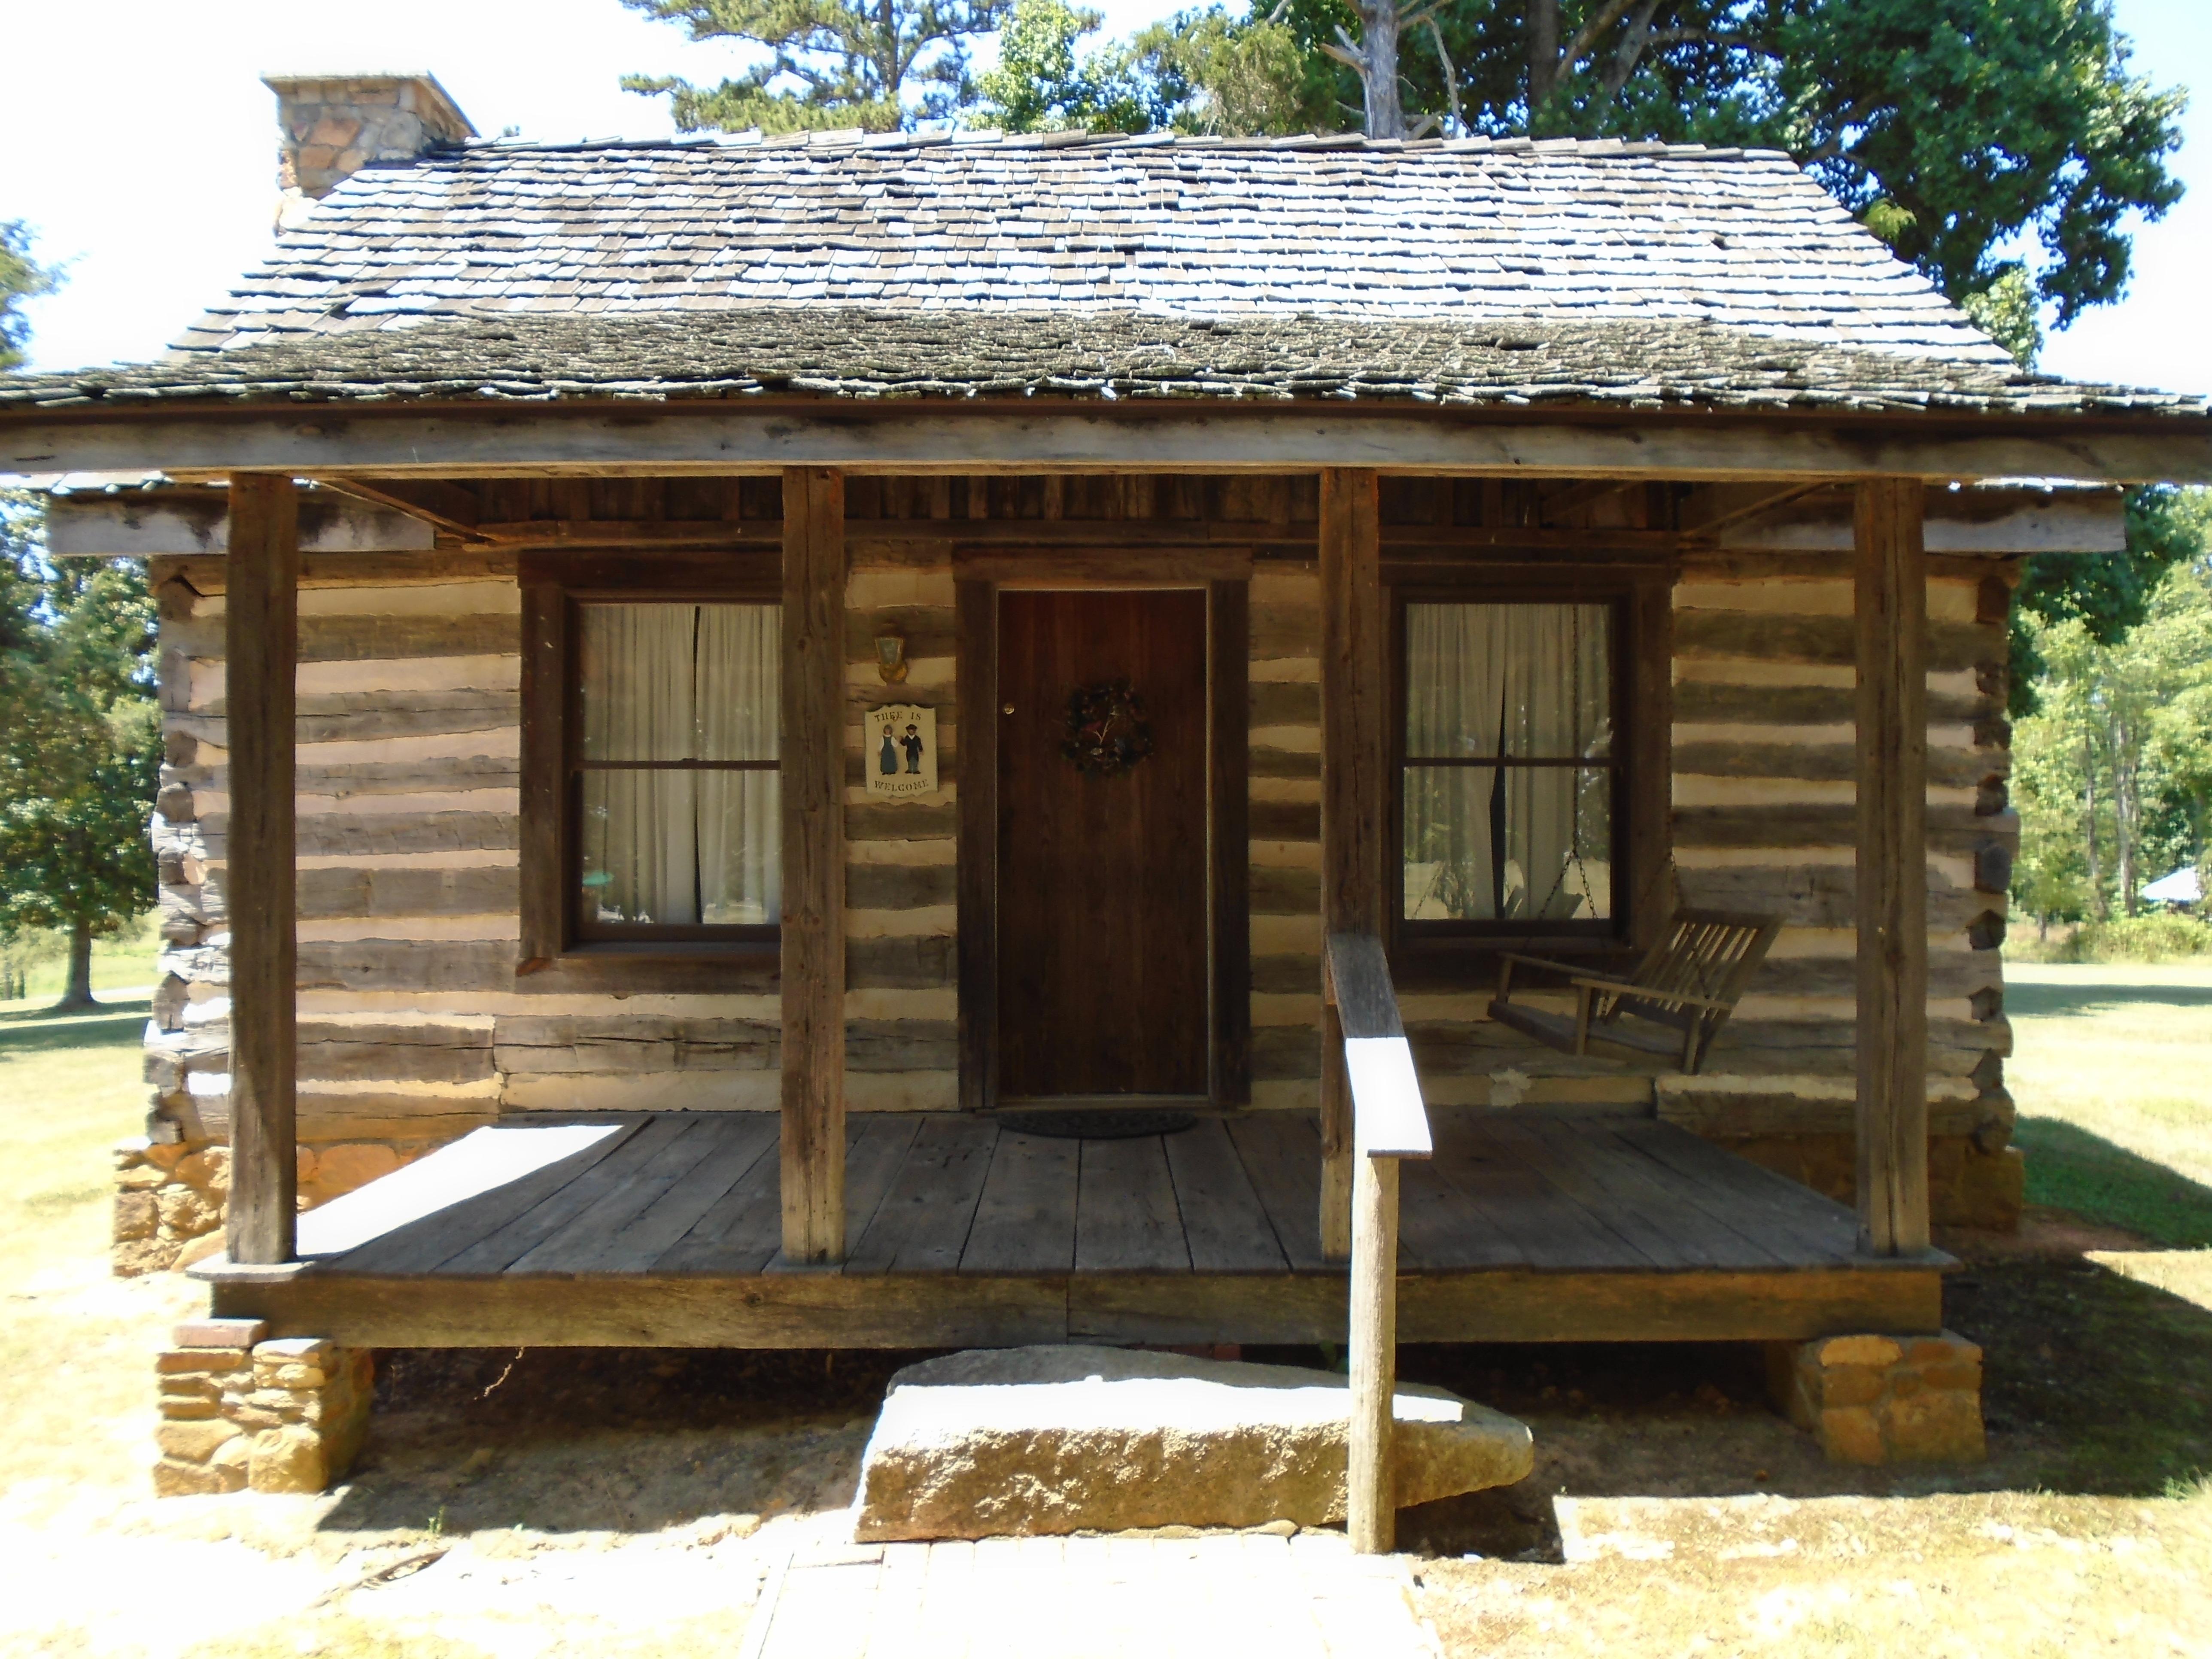 Kostenlose foto : Holz, Gebäude, Zuhause, Schuppen, Hütte, Log ...